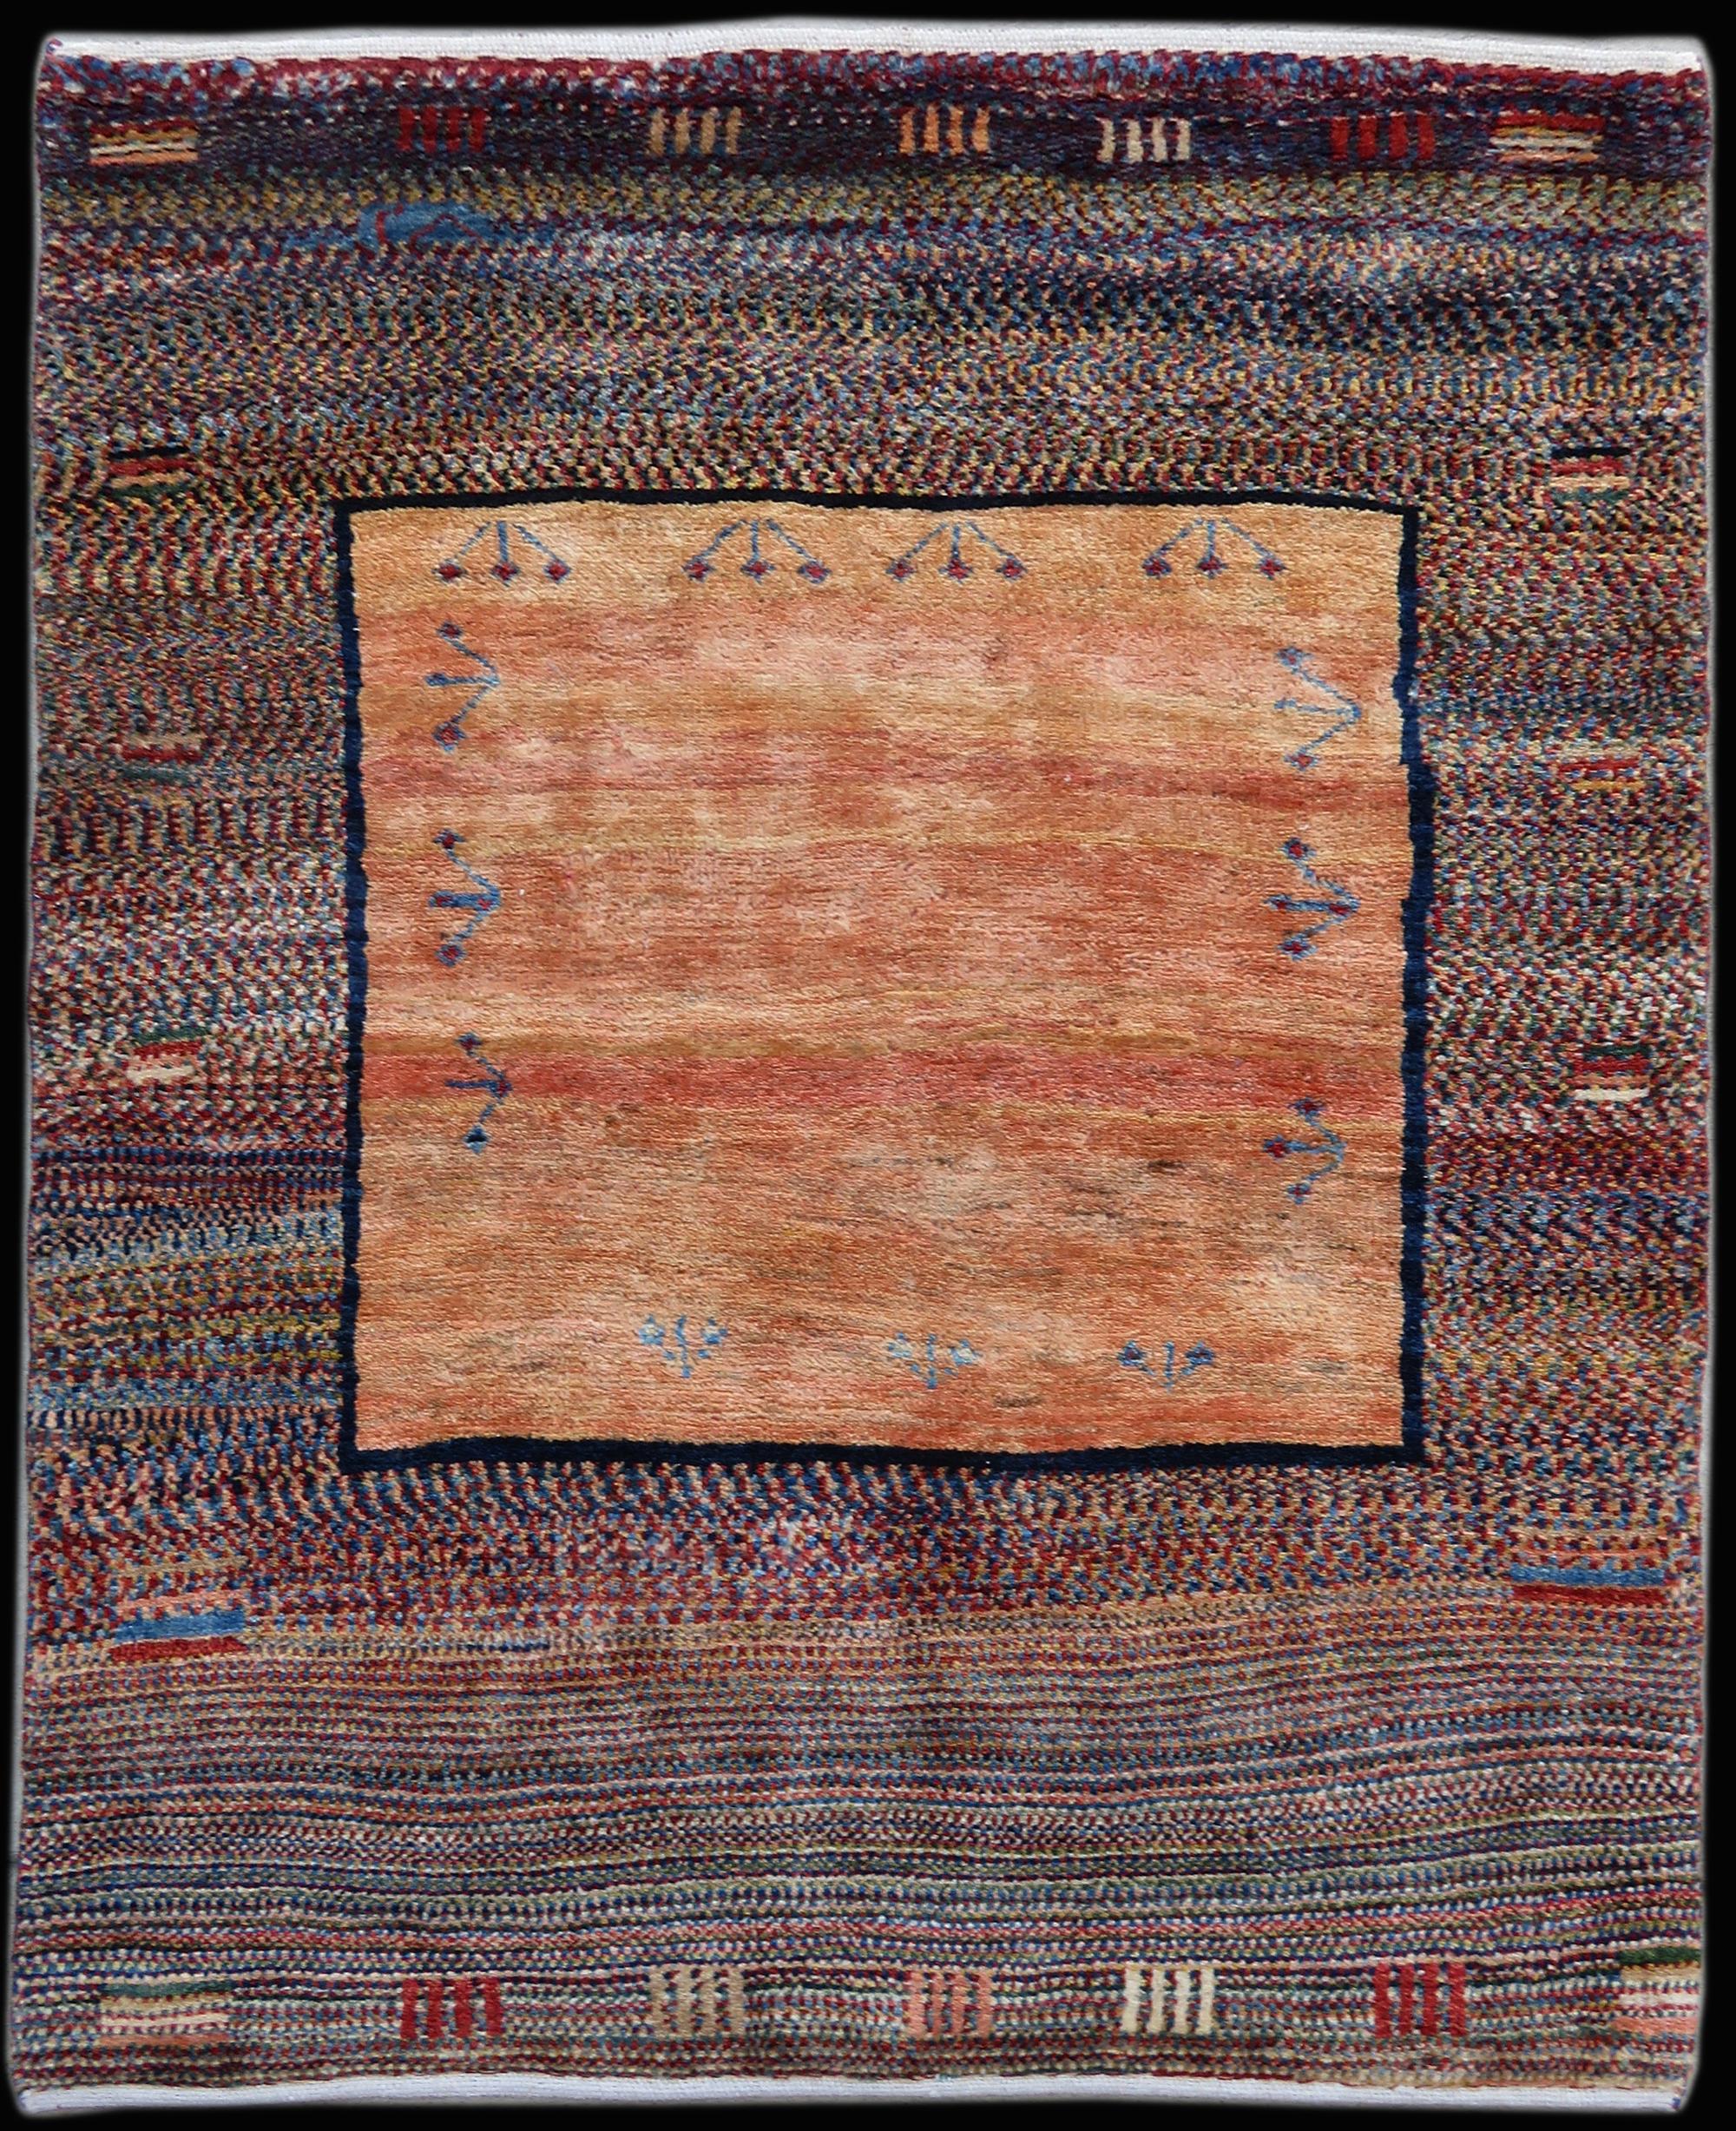 Antique Persian Gabbeh Carpet